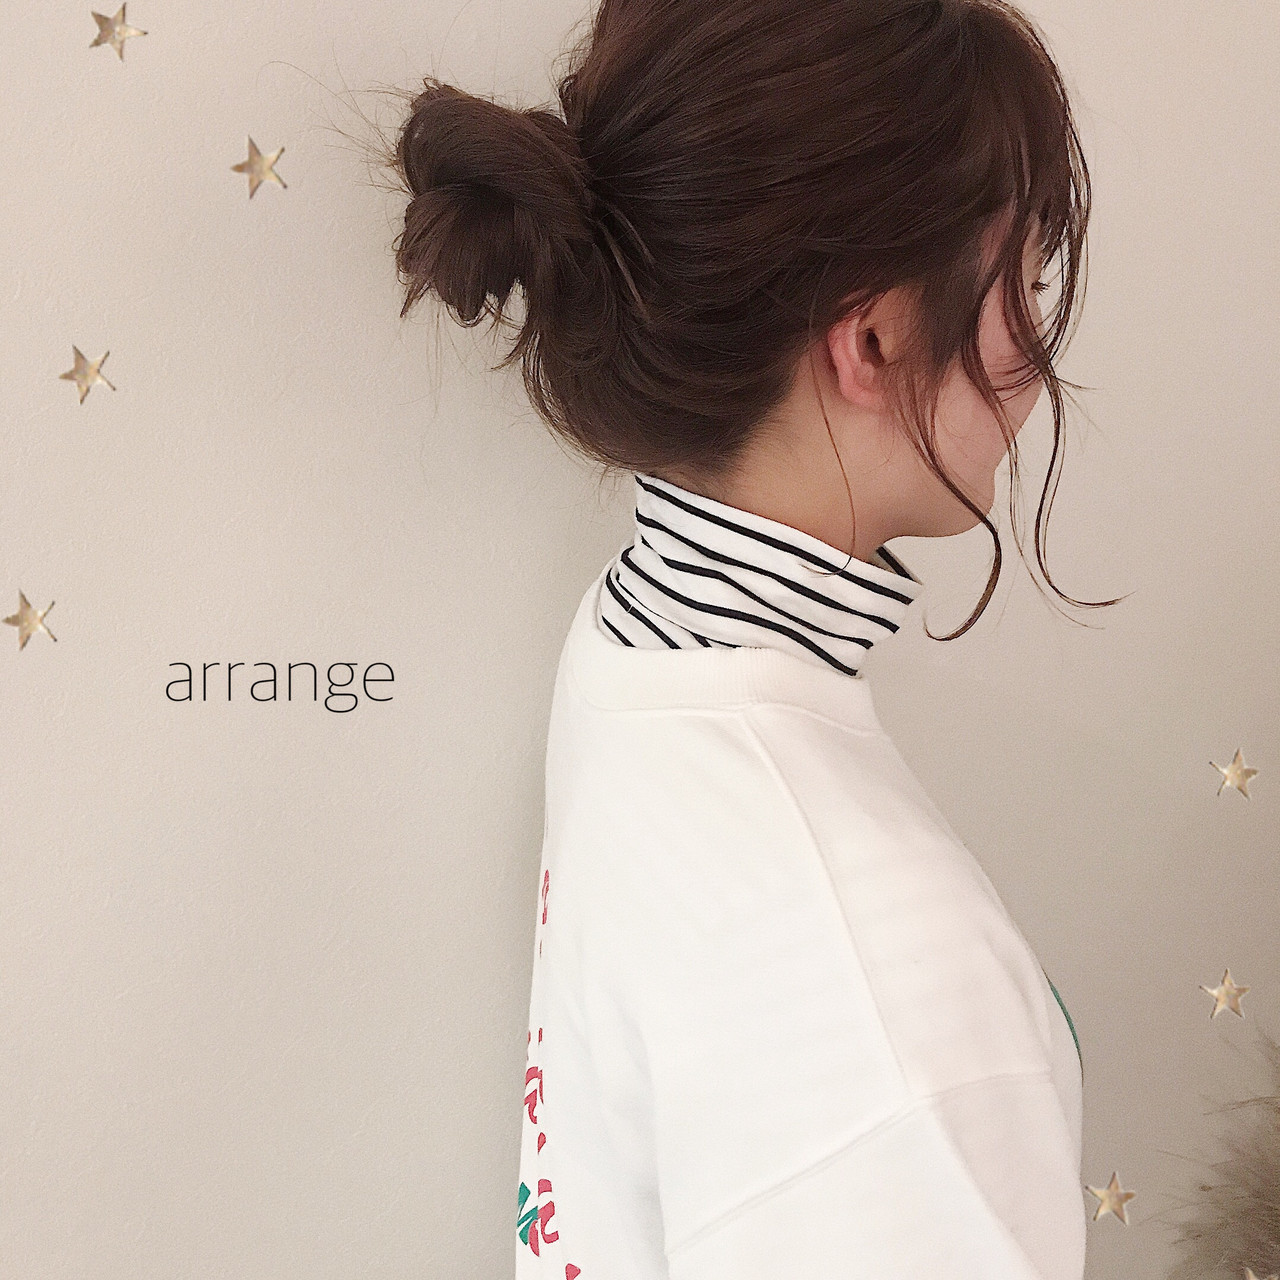 ヘアアレンジ ナチュラル ミディアムレイヤー ミディアム ヘアスタイルや髪型の写真・画像